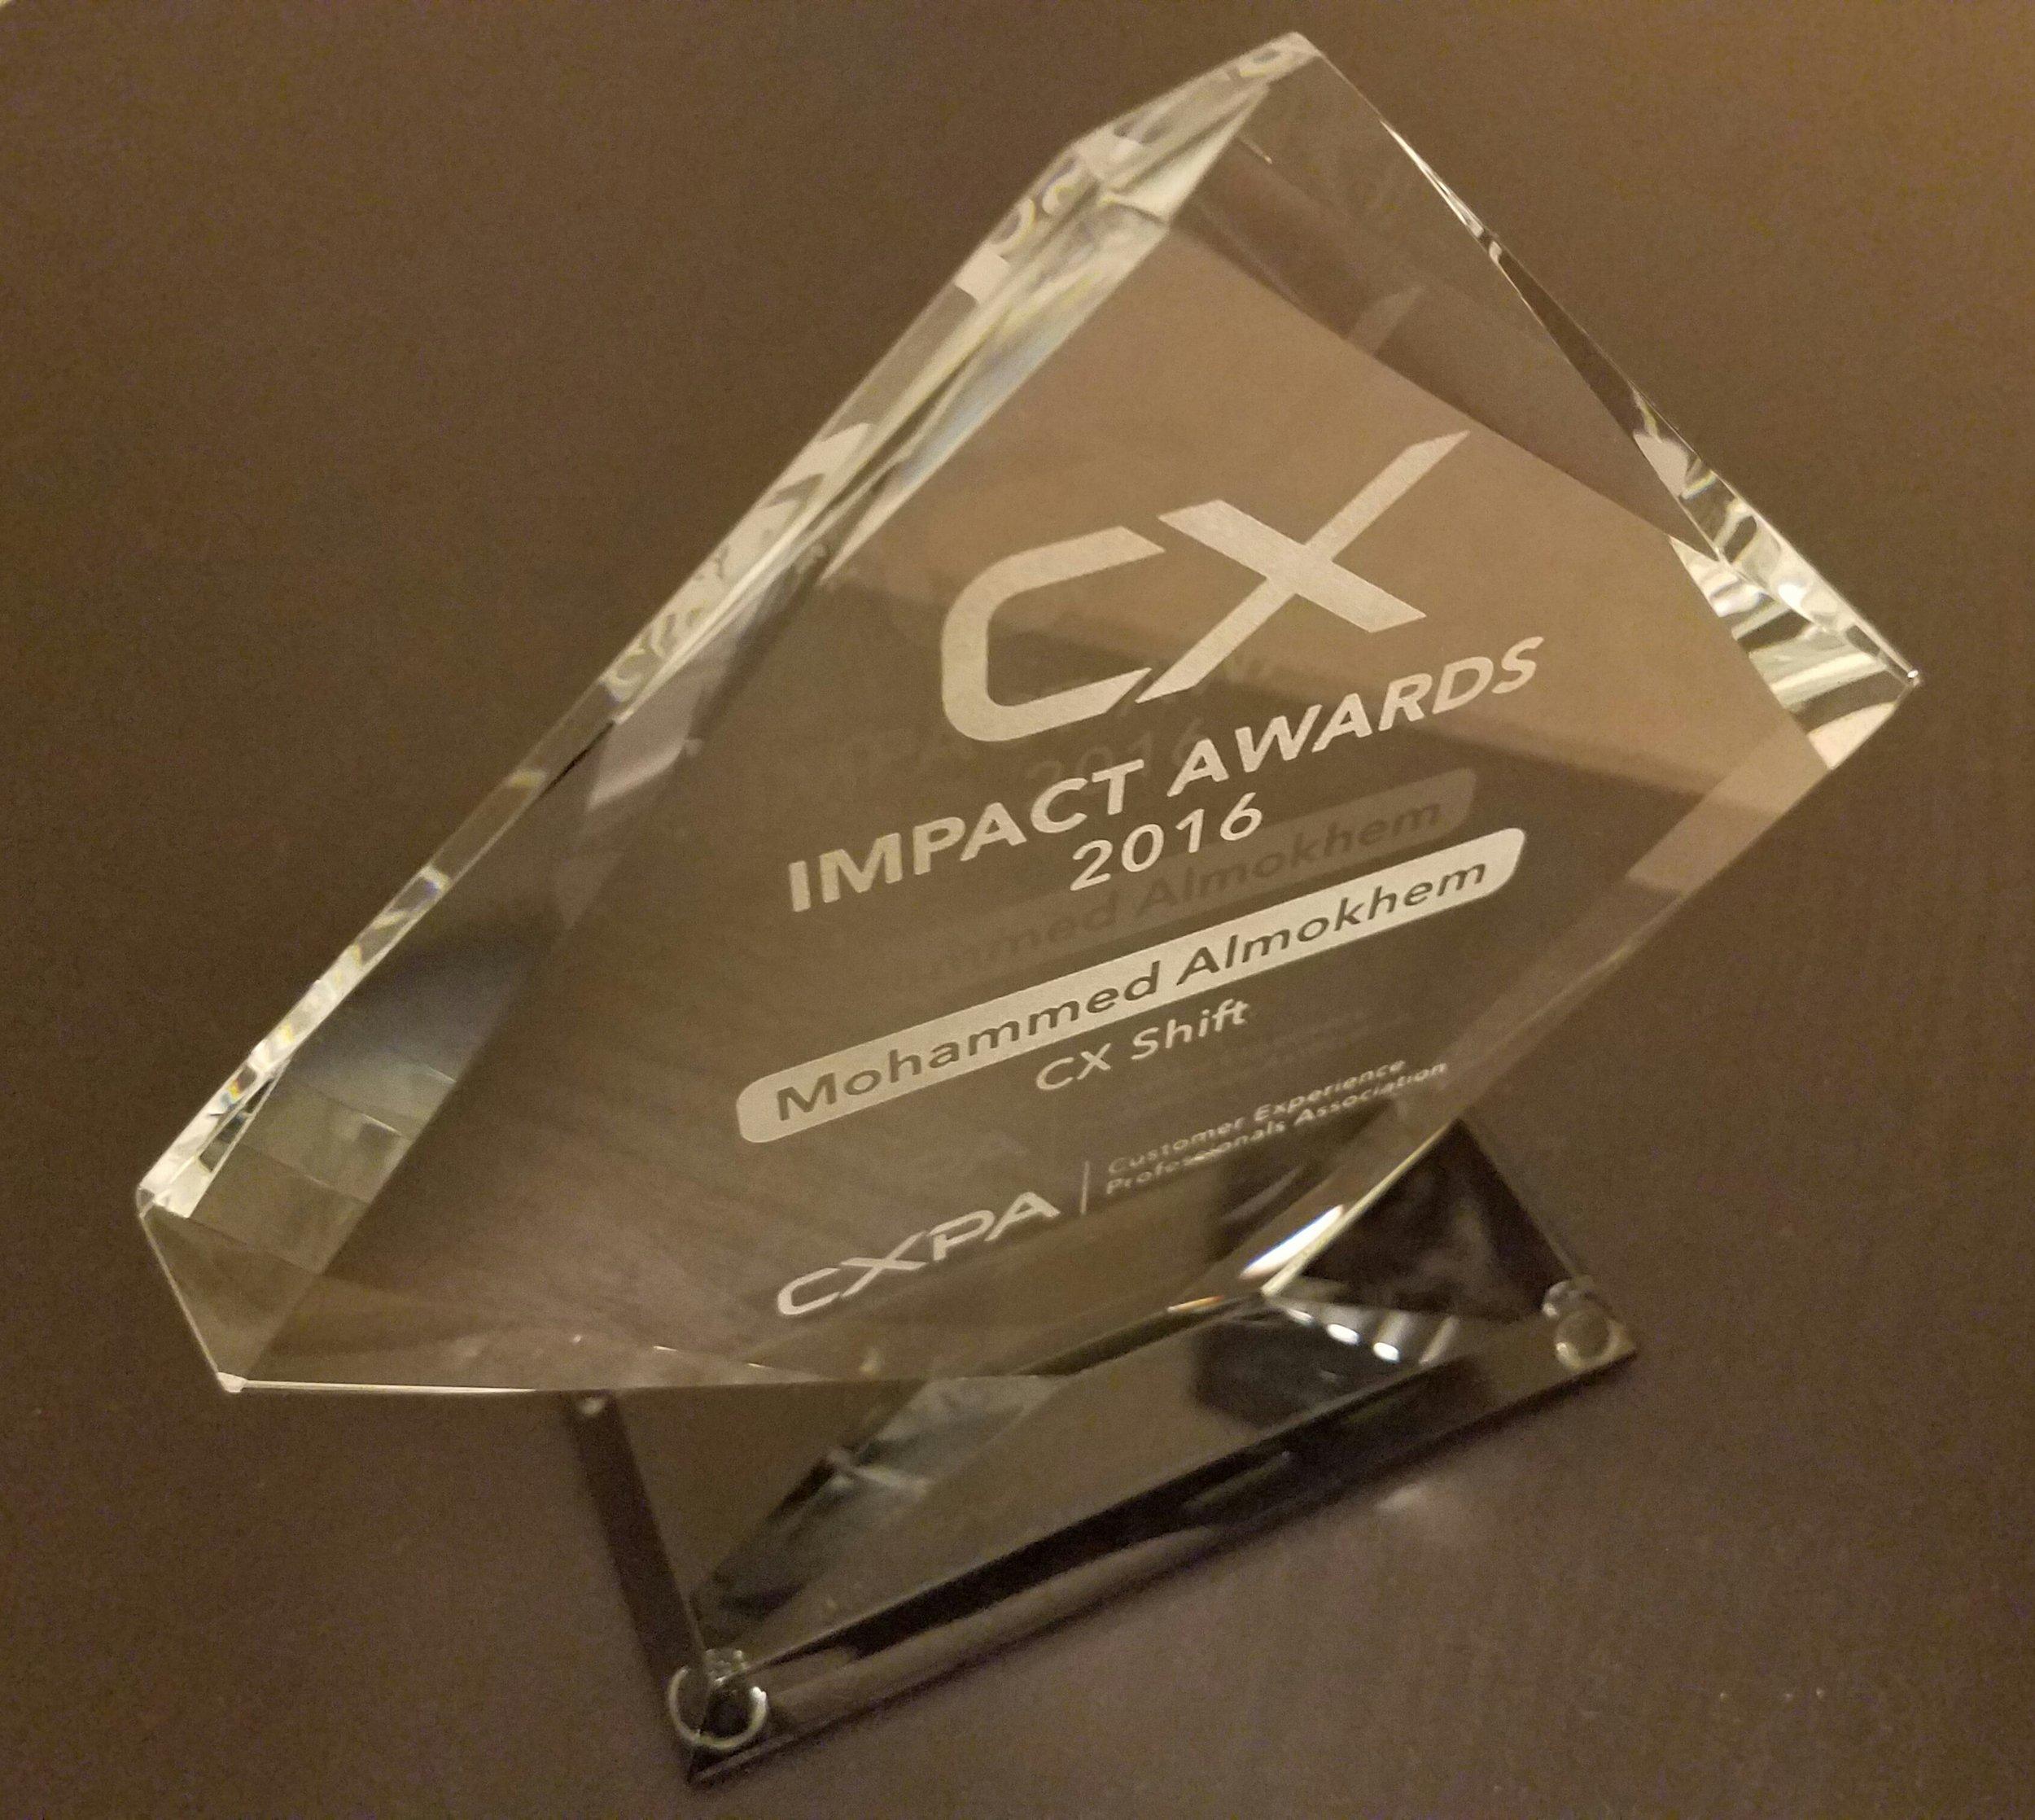 2016 CX Impact Award, Outstanding Providers - Mohammed Almokhem.jpg